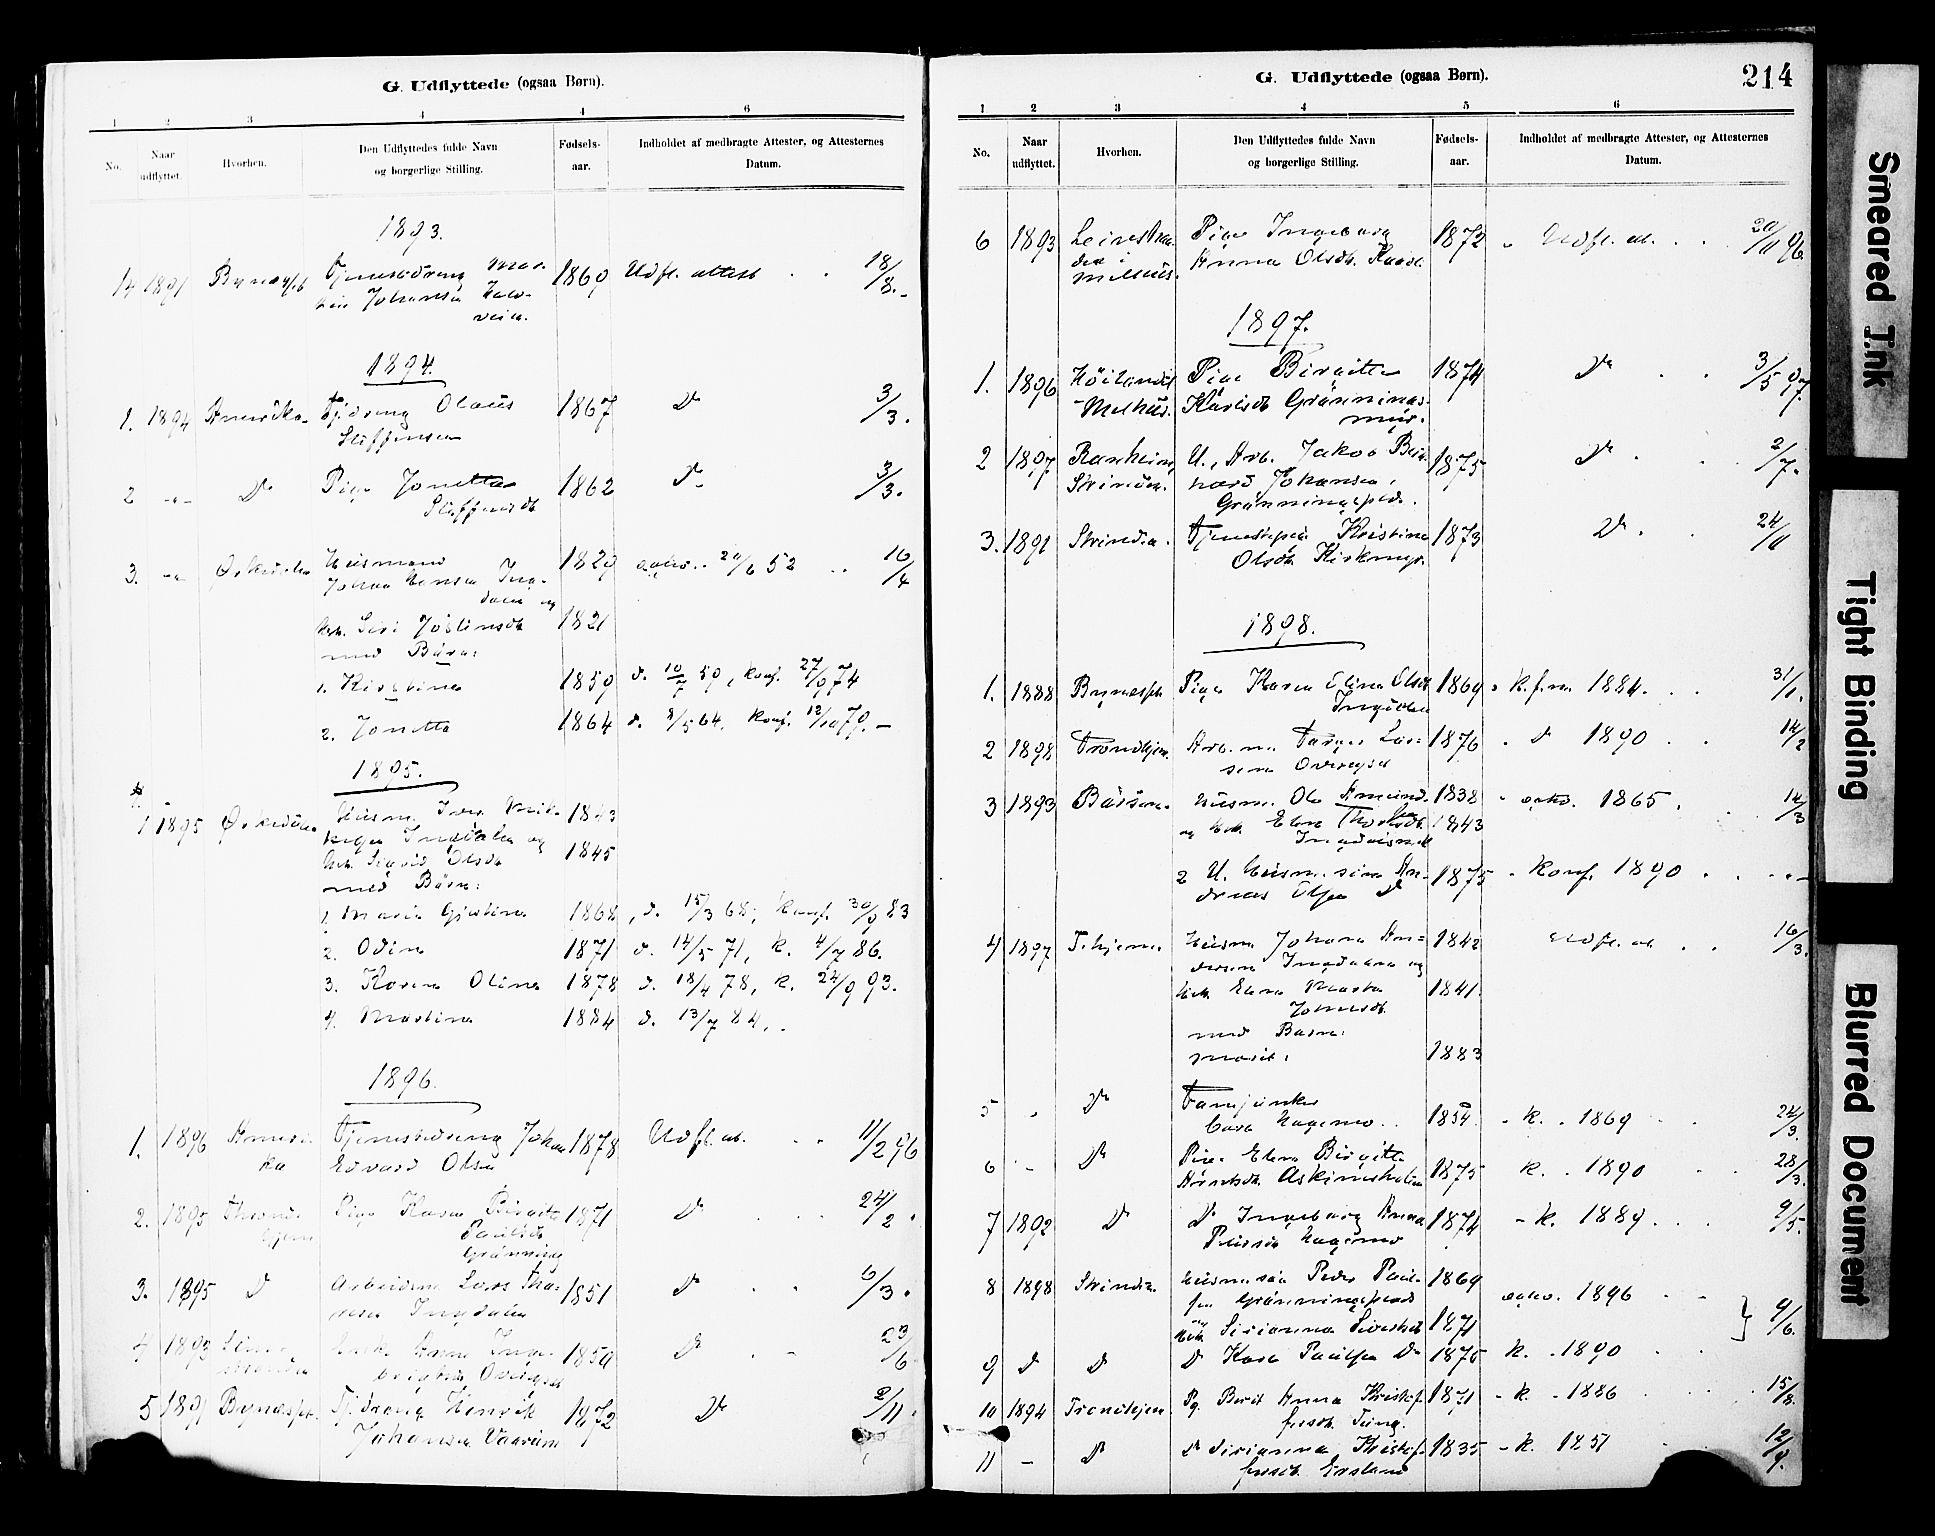 SAT, Ministerialprotokoller, klokkerbøker og fødselsregistre - Sør-Trøndelag, 646/L0615: Ministerialbok nr. 646A13, 1885-1900, s. 214